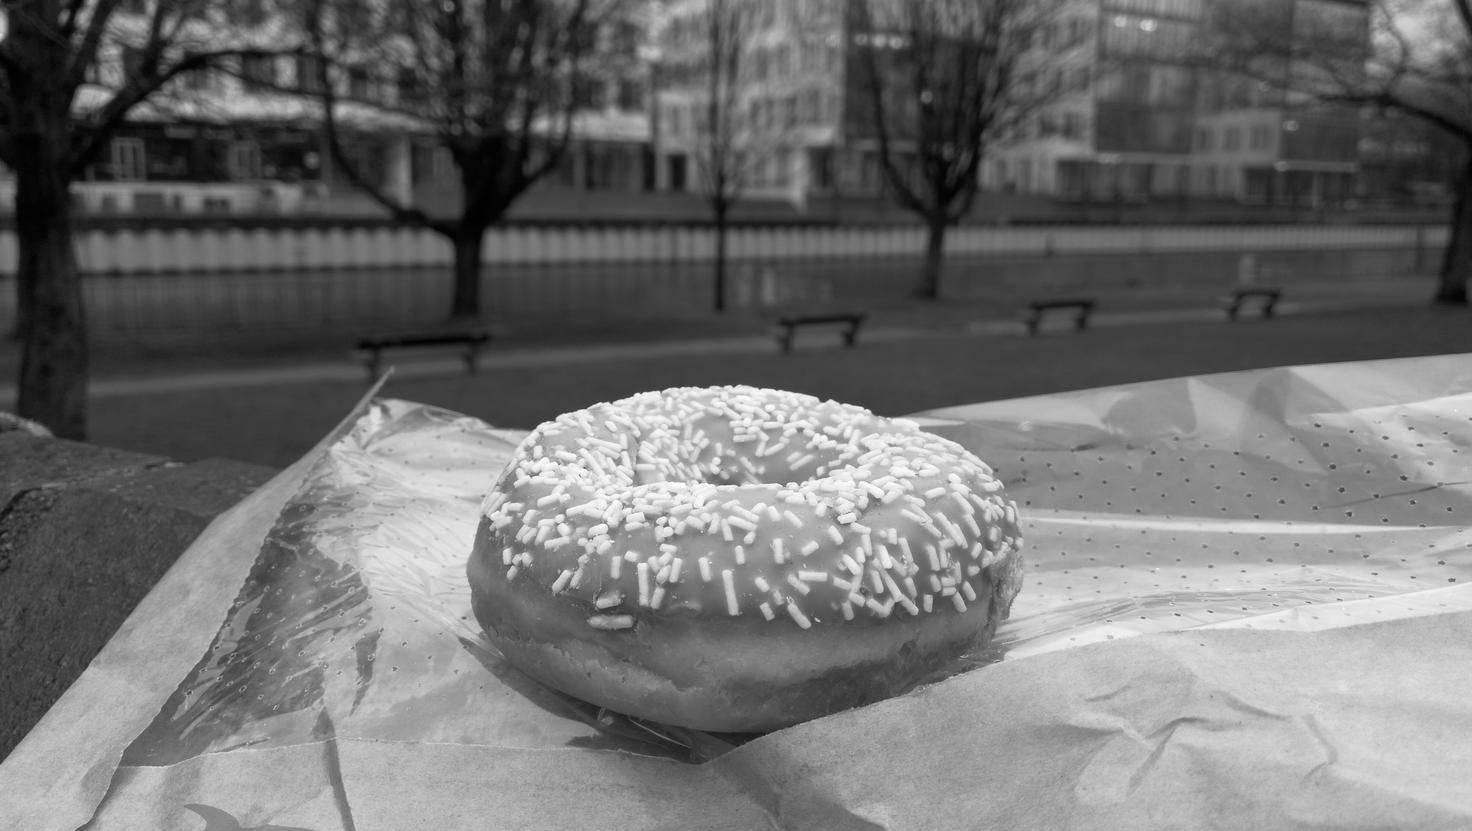 Die Schwarz-Weiß-Fotografie ist nur für bestimmte Motive geeignet. Dieser Donut gehört nicht dazu.